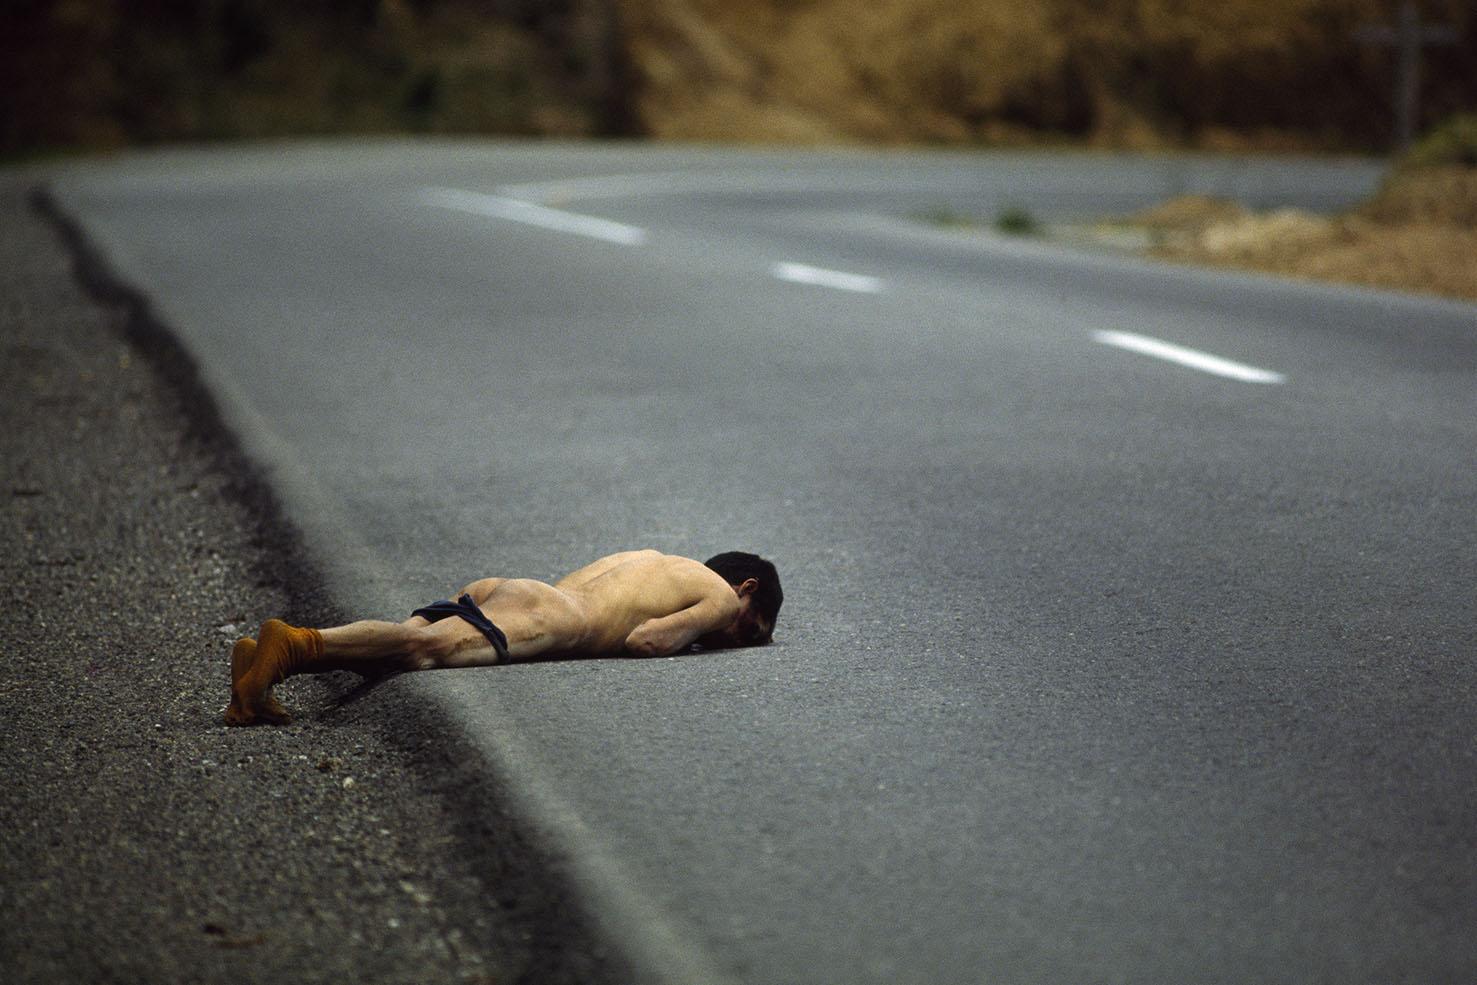 """Mauro Galligani - Guatemala, 1982. Sul ciglio della Carrera panamericana, la grande arteria che collega il Nord e il Sud del Nuovo Continente, giace il cadavere di un uomo. Sono evidenti sul corpo i segni delle torture subite prima di essere assassinato e gettato seminudo, in estremo segno di spregio, sul ciglio della strada. Il macabro rituale porta la firma degli squadroni della morte, uno speciale corpo di """"giustizieri"""" che agisce al di fuori di ogni legalità contro i simpatizzanti della sinistra: La Carrera è il palcoscenico macabro della guerra civile del Guatemala, ora interrotta da un attacco dei guerriglieri, ora rastrellata dall'esercito."""